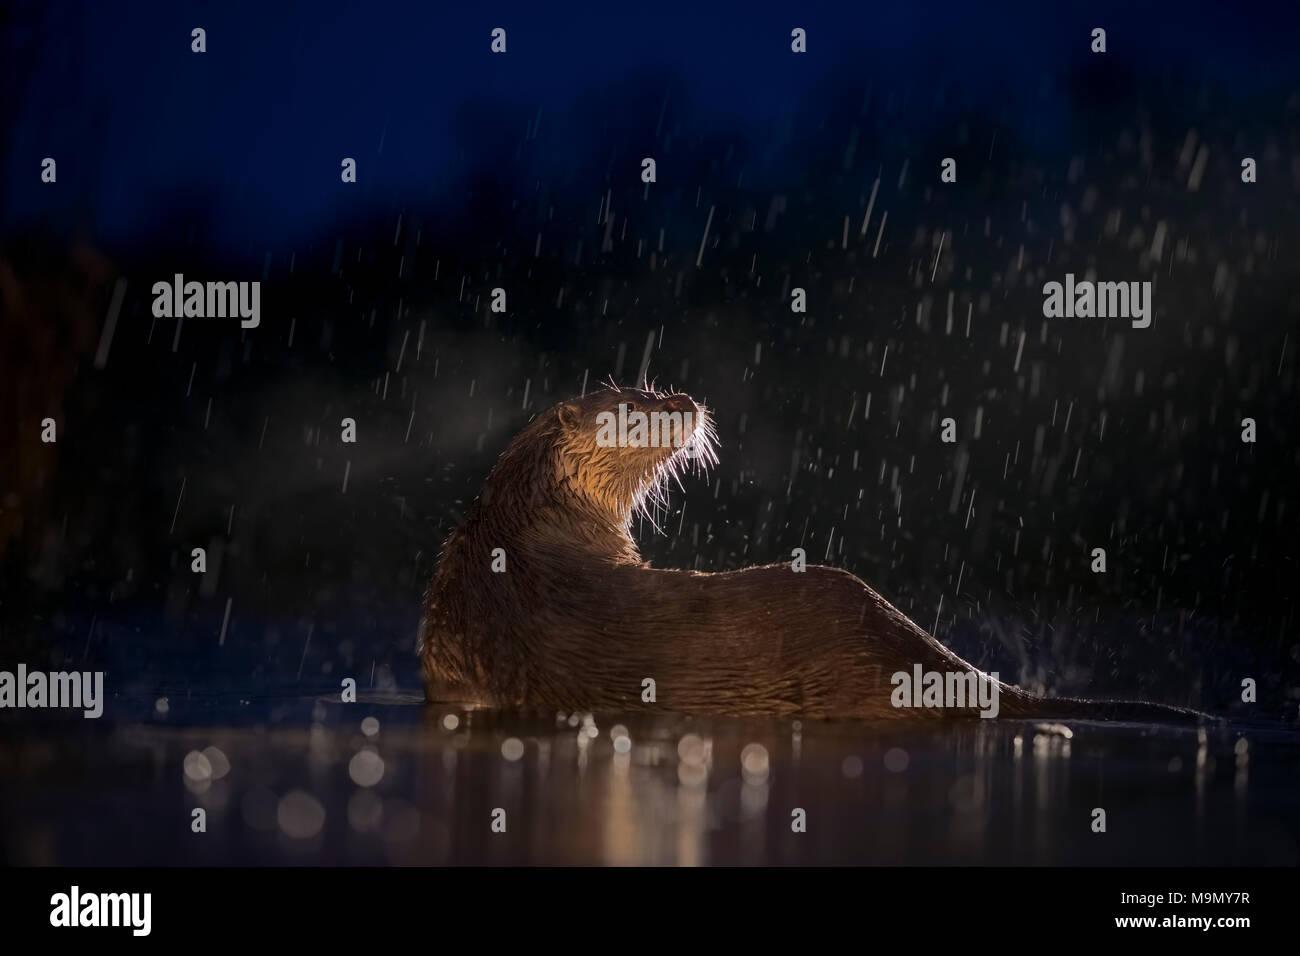 Fischotter (Lutra lutra) auf nächtliche Jagd im Wasser bei Regen, suchen nach Nahrung, Nationalpark Kiskunság, Ungarn Stockbild